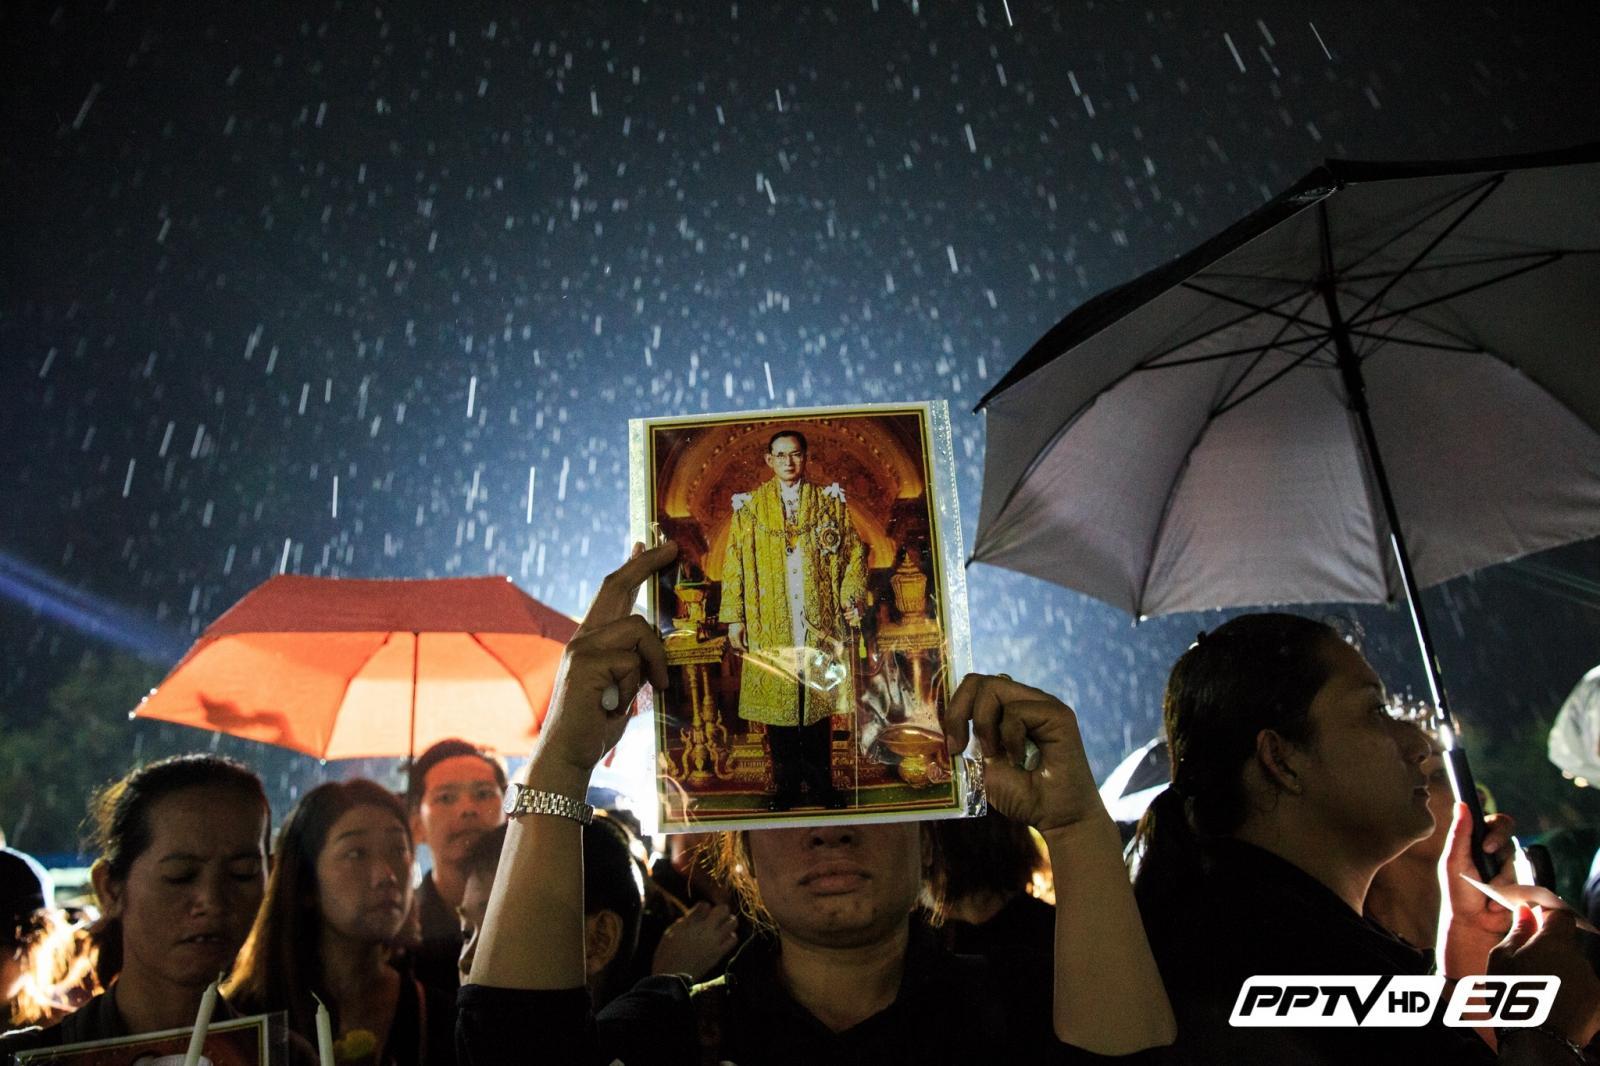 แสงเทียนส่องใจไทยทั้งผอง กู่ก้องร้องเพลงสรรเสริญพระบารมีถวายแด่พ่อหลวง(คลิป)